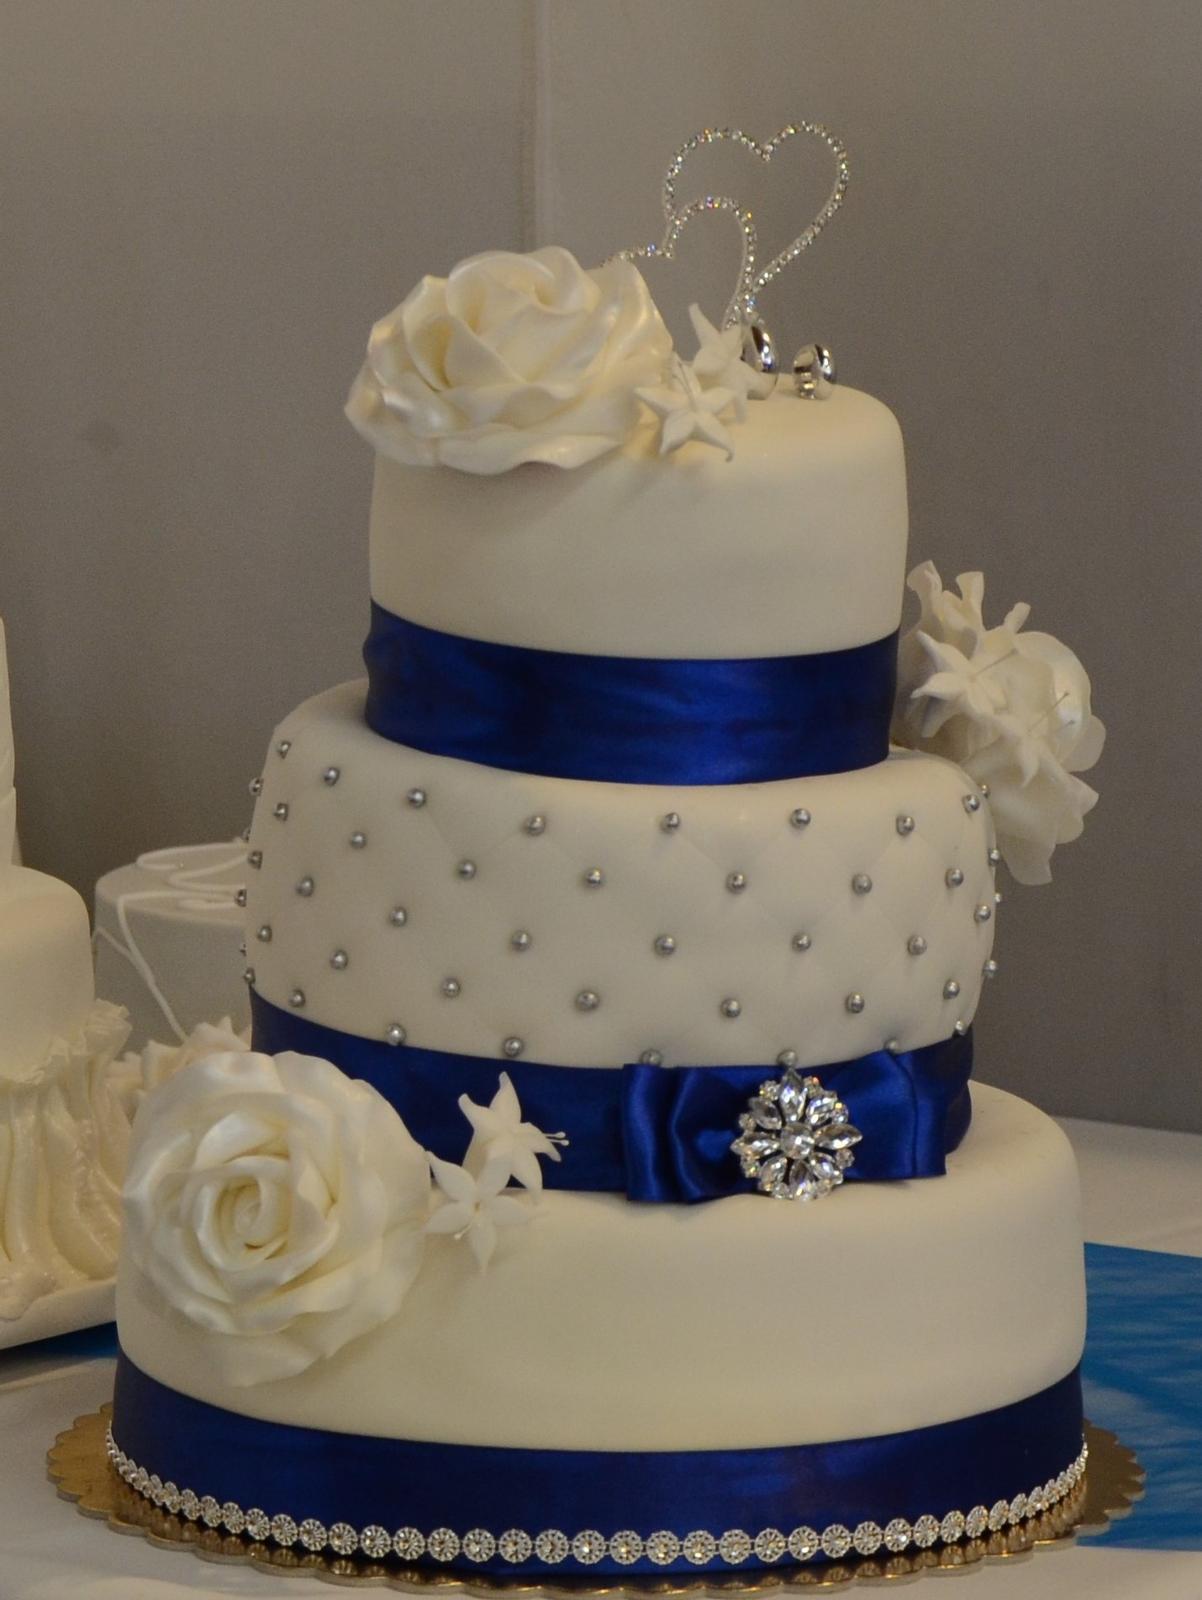 Napich na tortu, kamienkove dvojsrdce - Obrázok č. 1